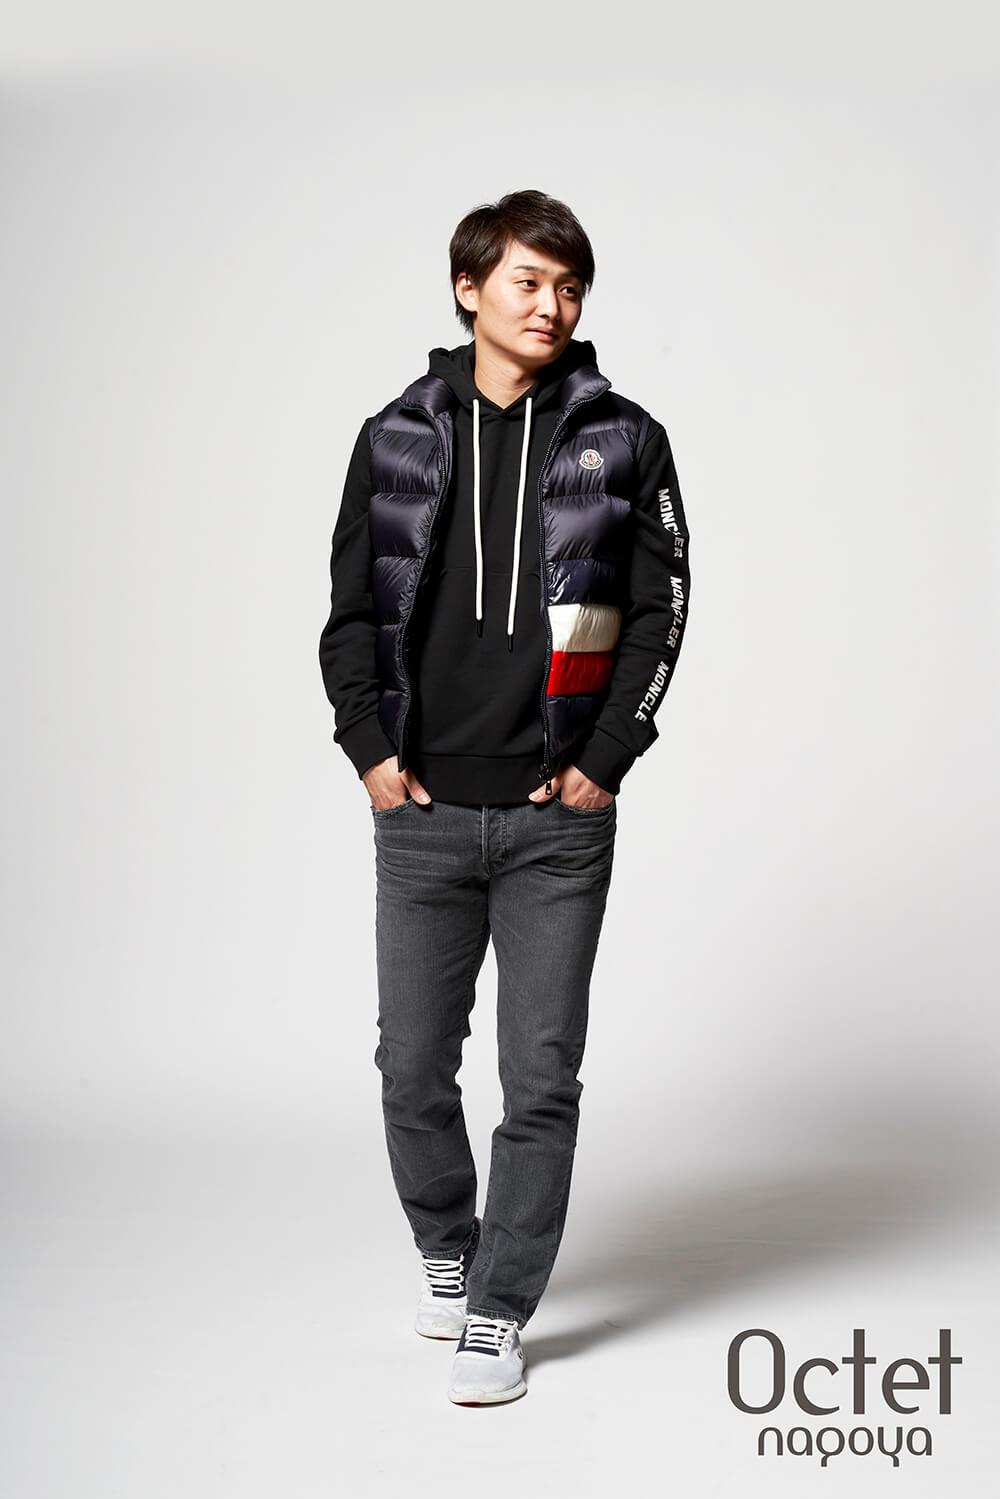 名古屋ダイヤモンドドルフィンズ 笹山 貴哉 選手のファッションコーディネート。